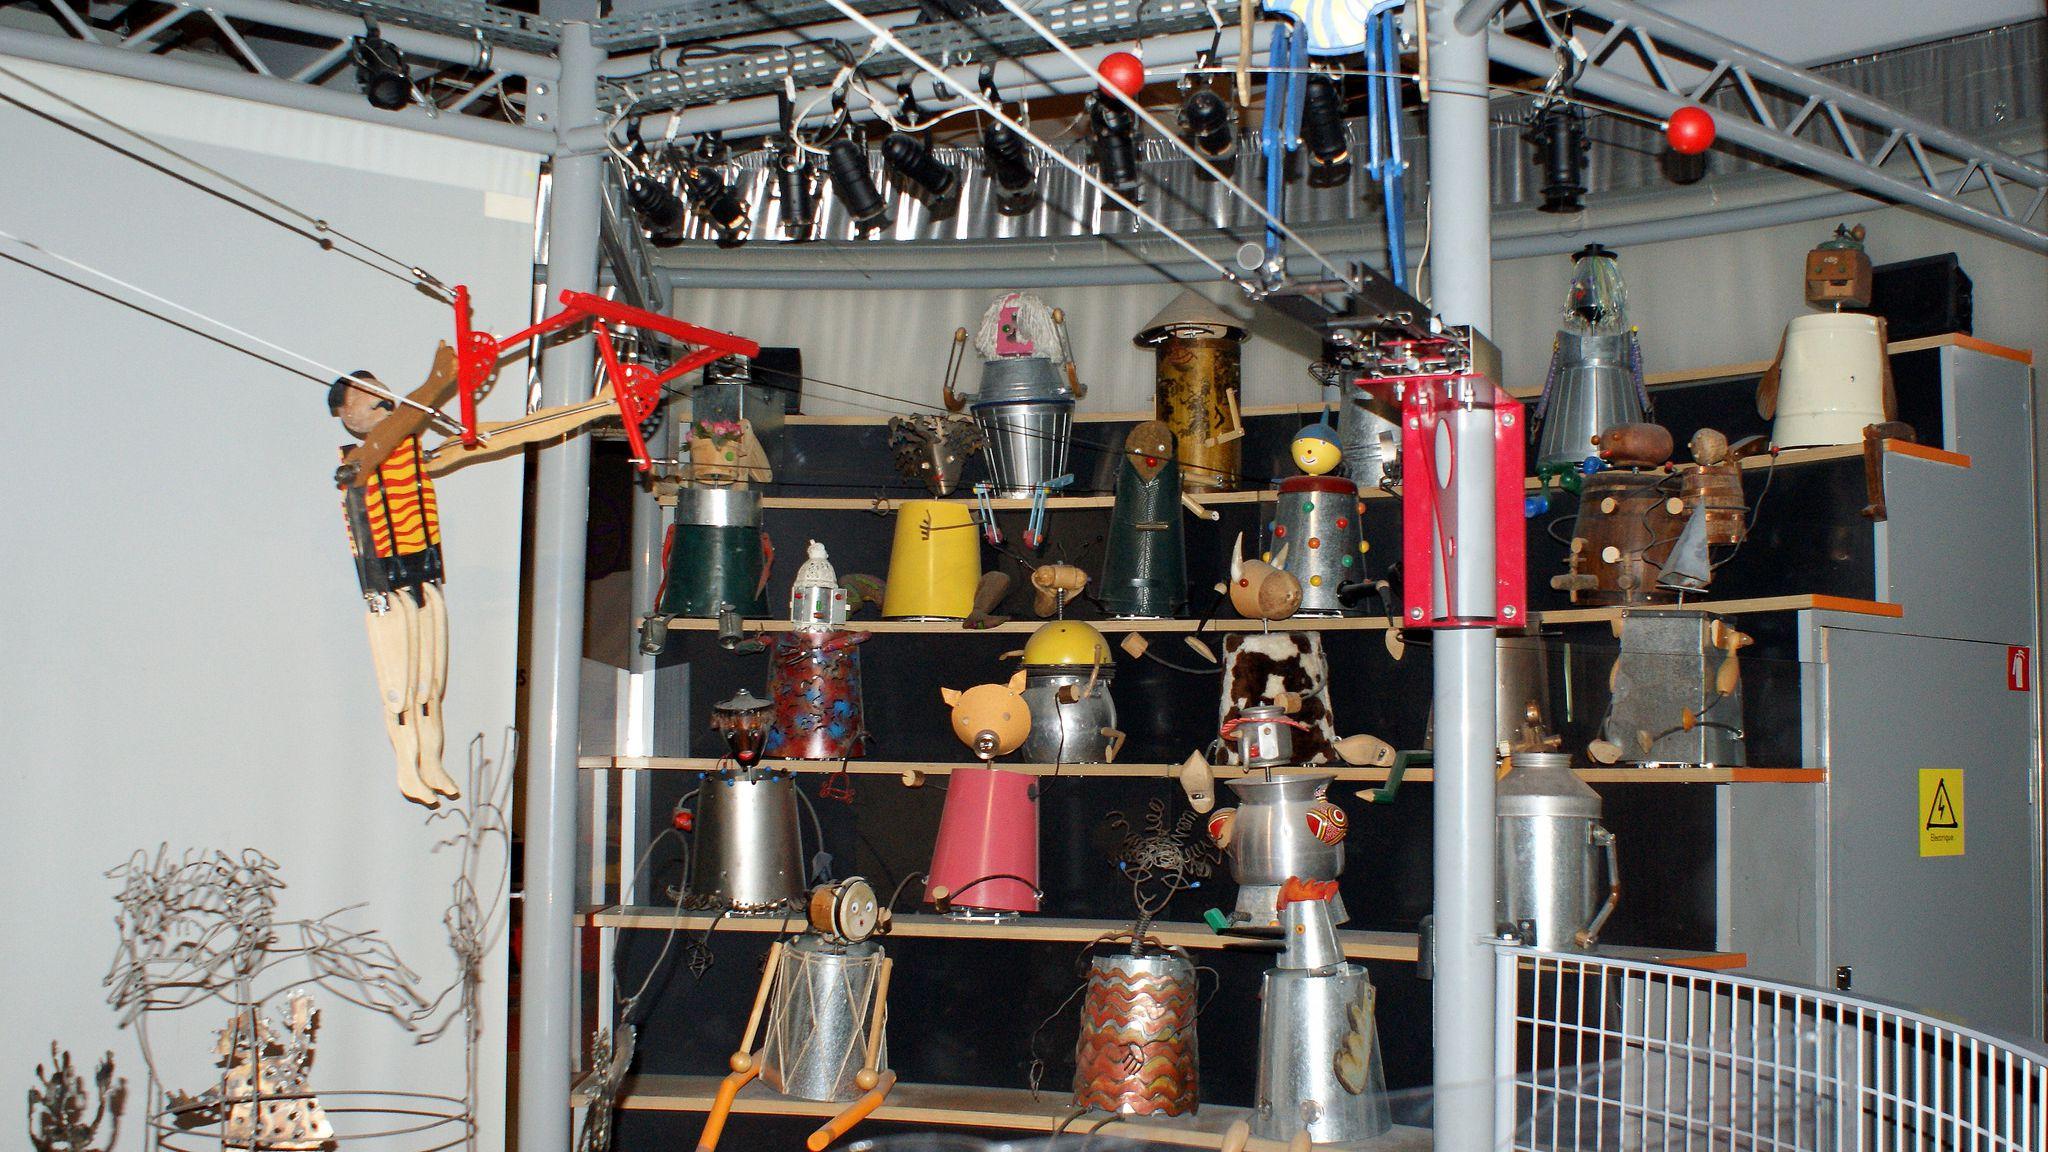 The Paris Science & Industry Museum (Cité des Sciences)